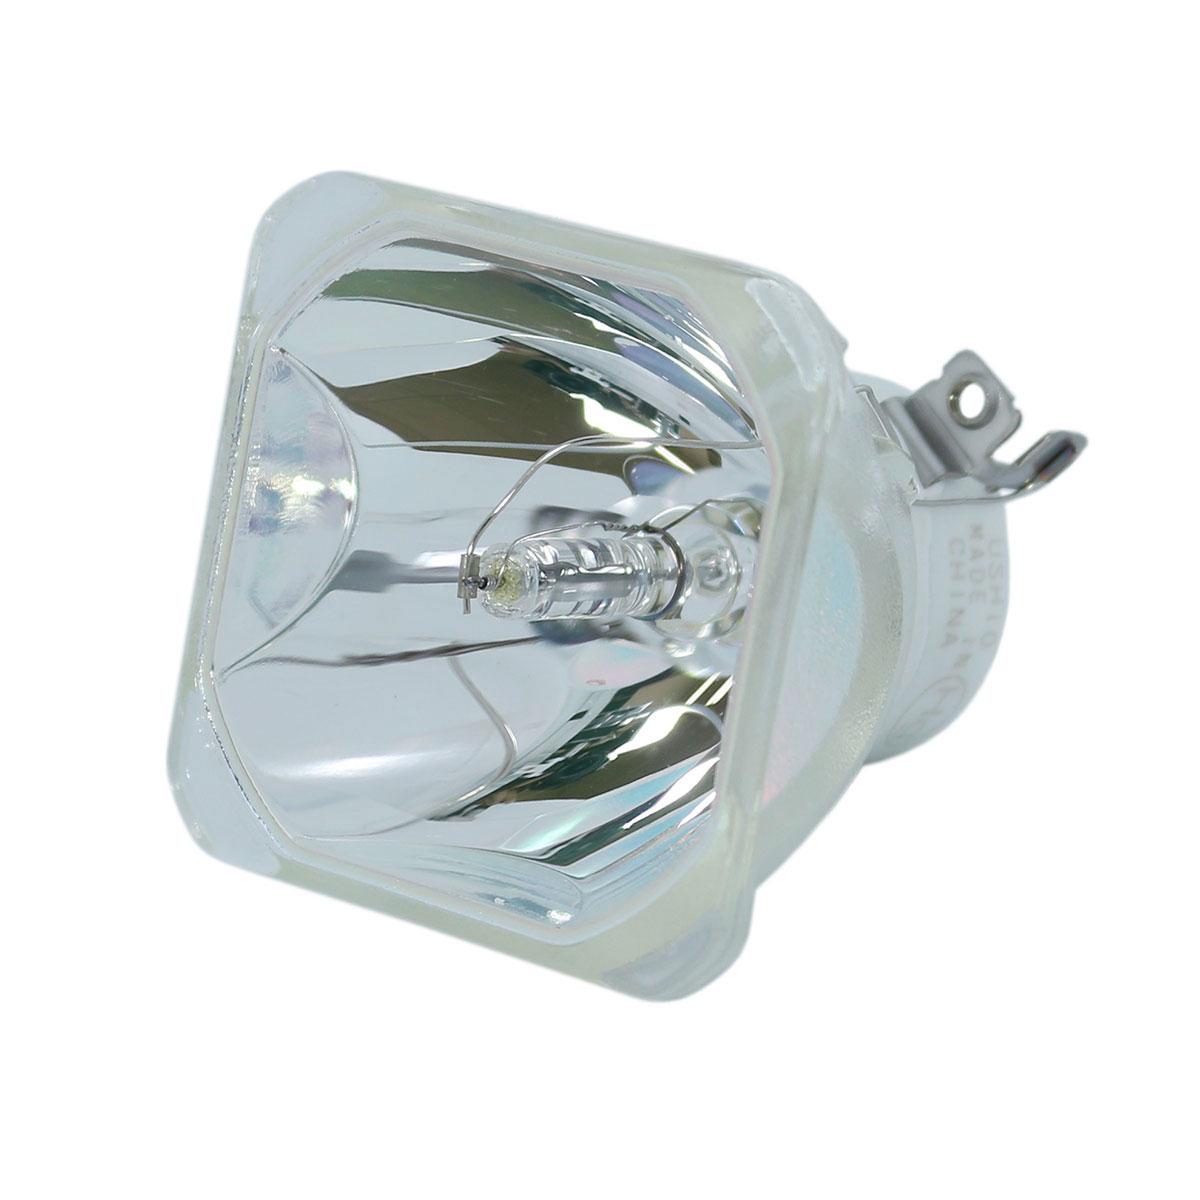 Compatible ET-LAT100 ETLAT100 For Panasonic PT-TW230 PT-TW230EA PT-TW230REA PT-TW230U PT-TW231RE PT-TW231RU Projector Bulb Lamp projector bulb et lab10 for panasonic pt lb10 pt lb10nt pt lb10nu pt lb10s pt lb20 with japan phoenix original lamp burner